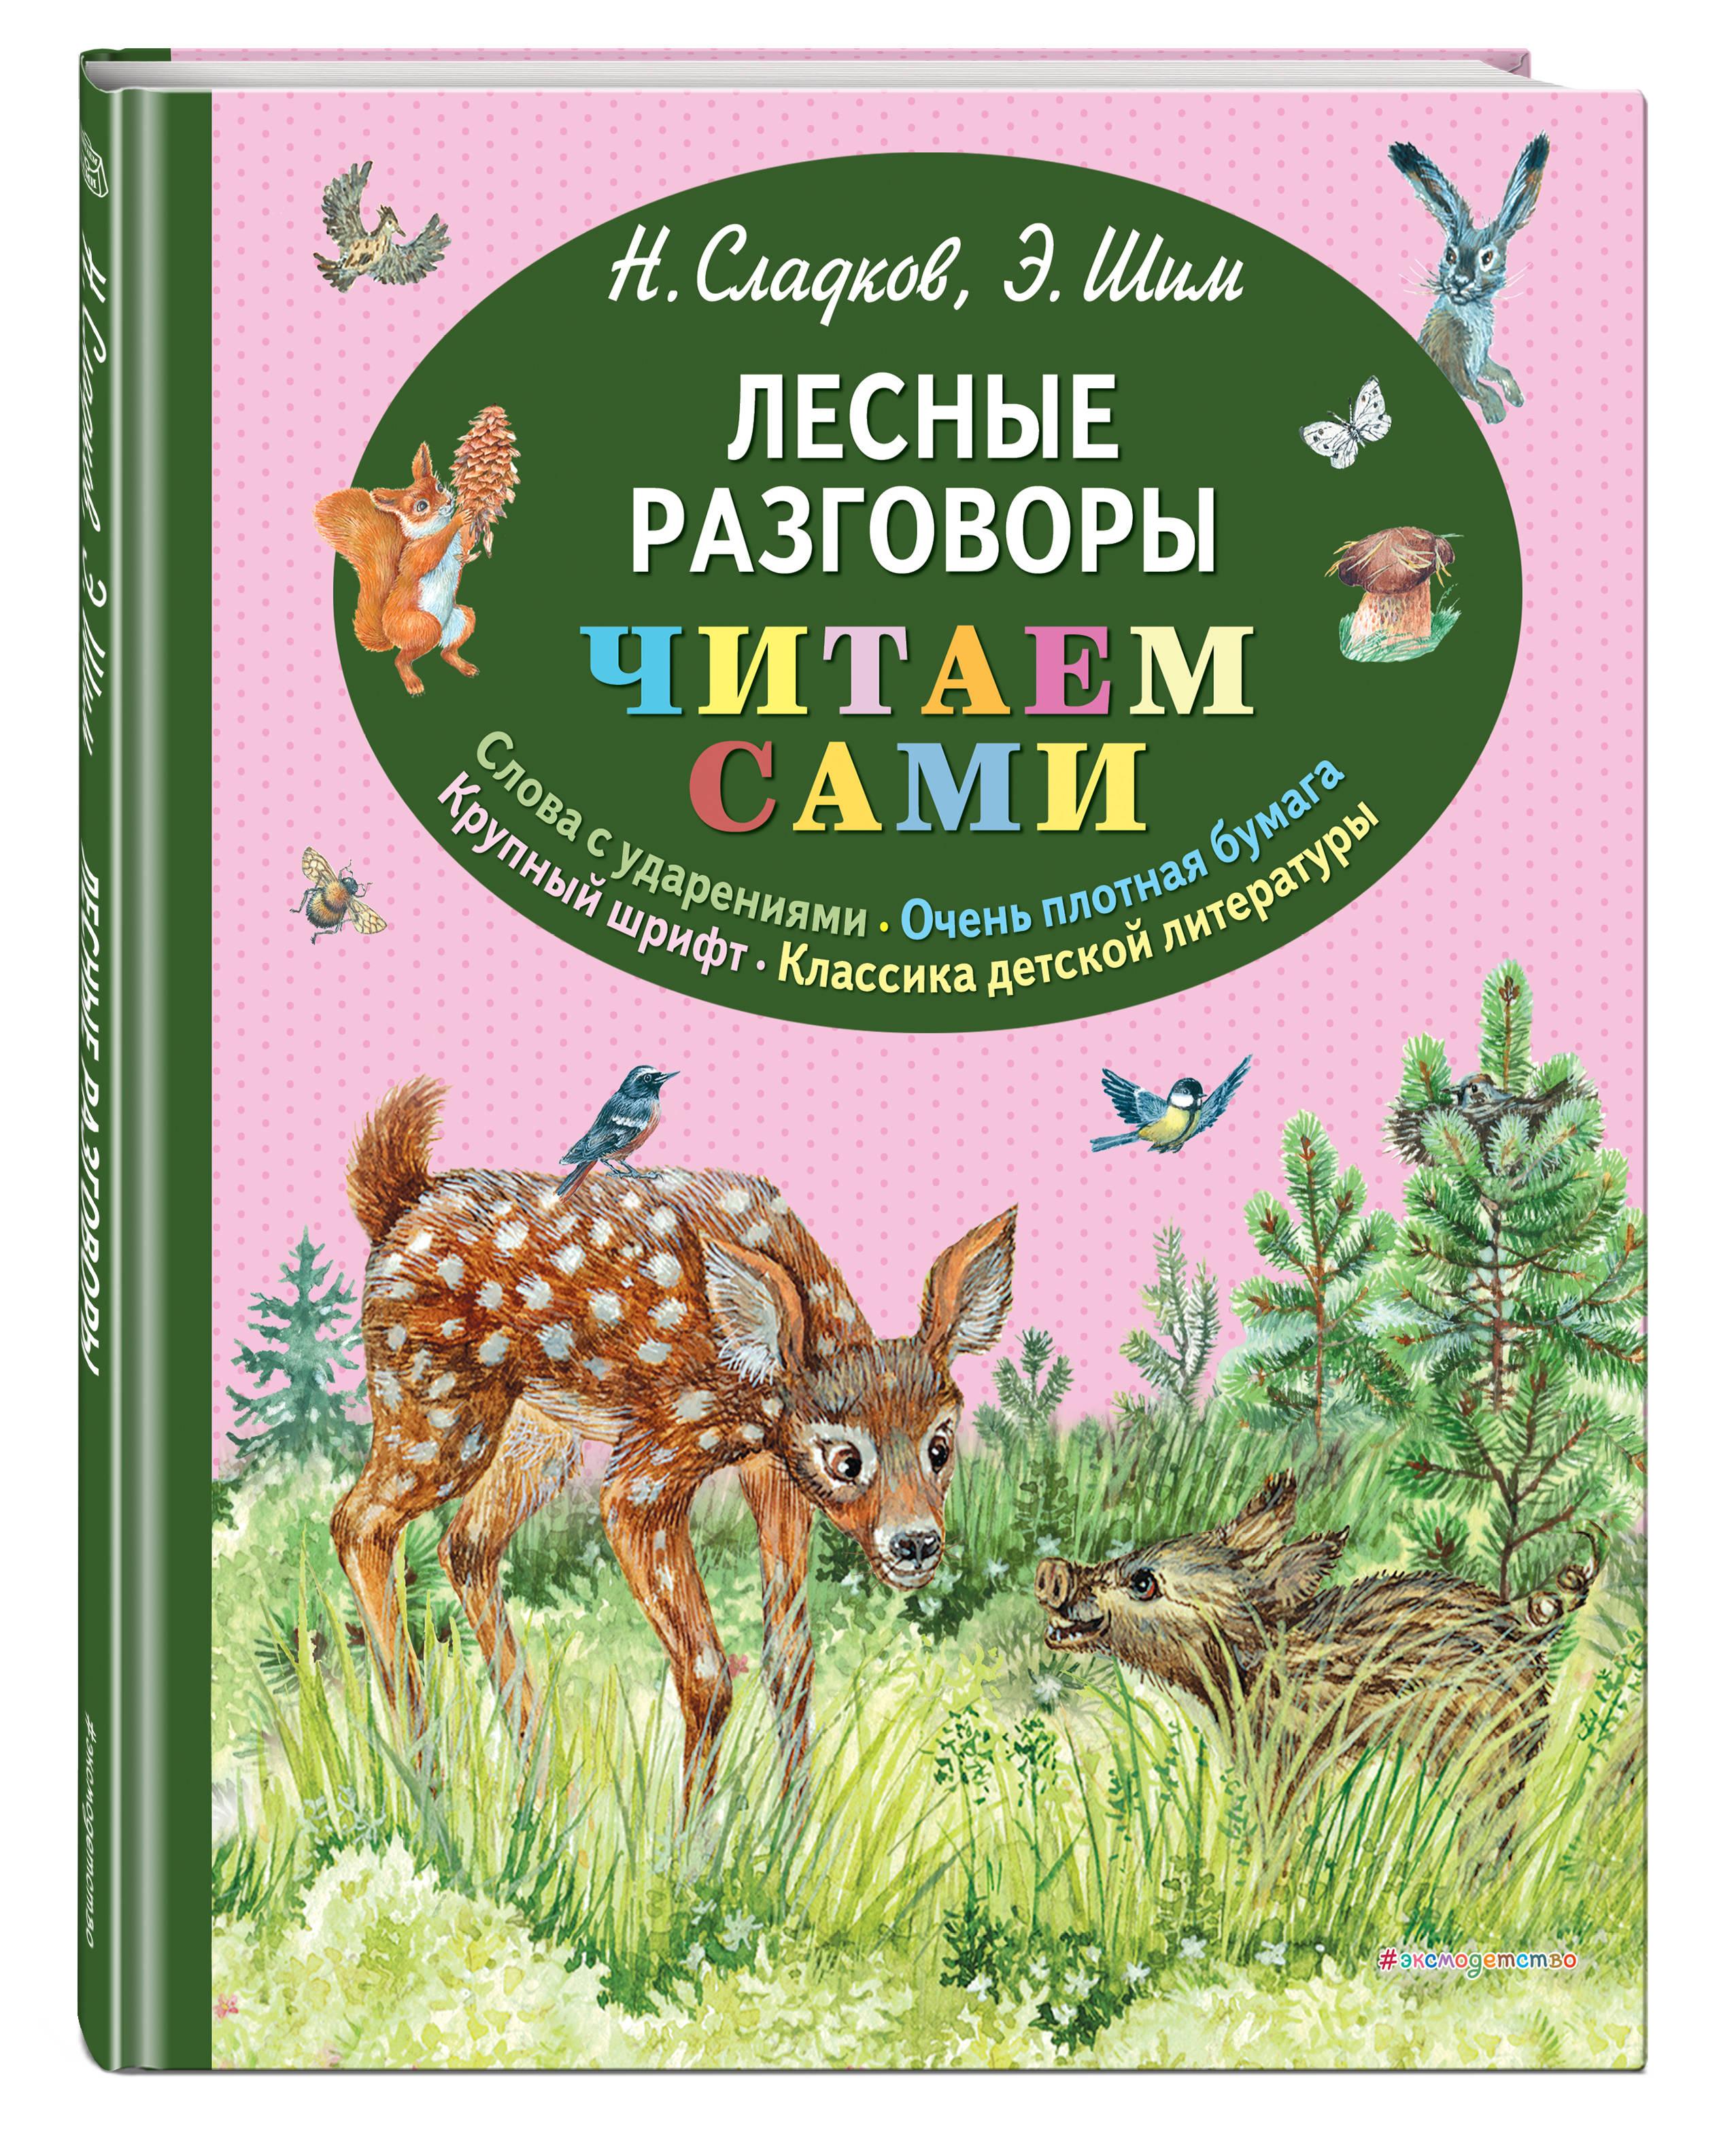 Николай Сладков, Эдуард Шим Лесные разговоры